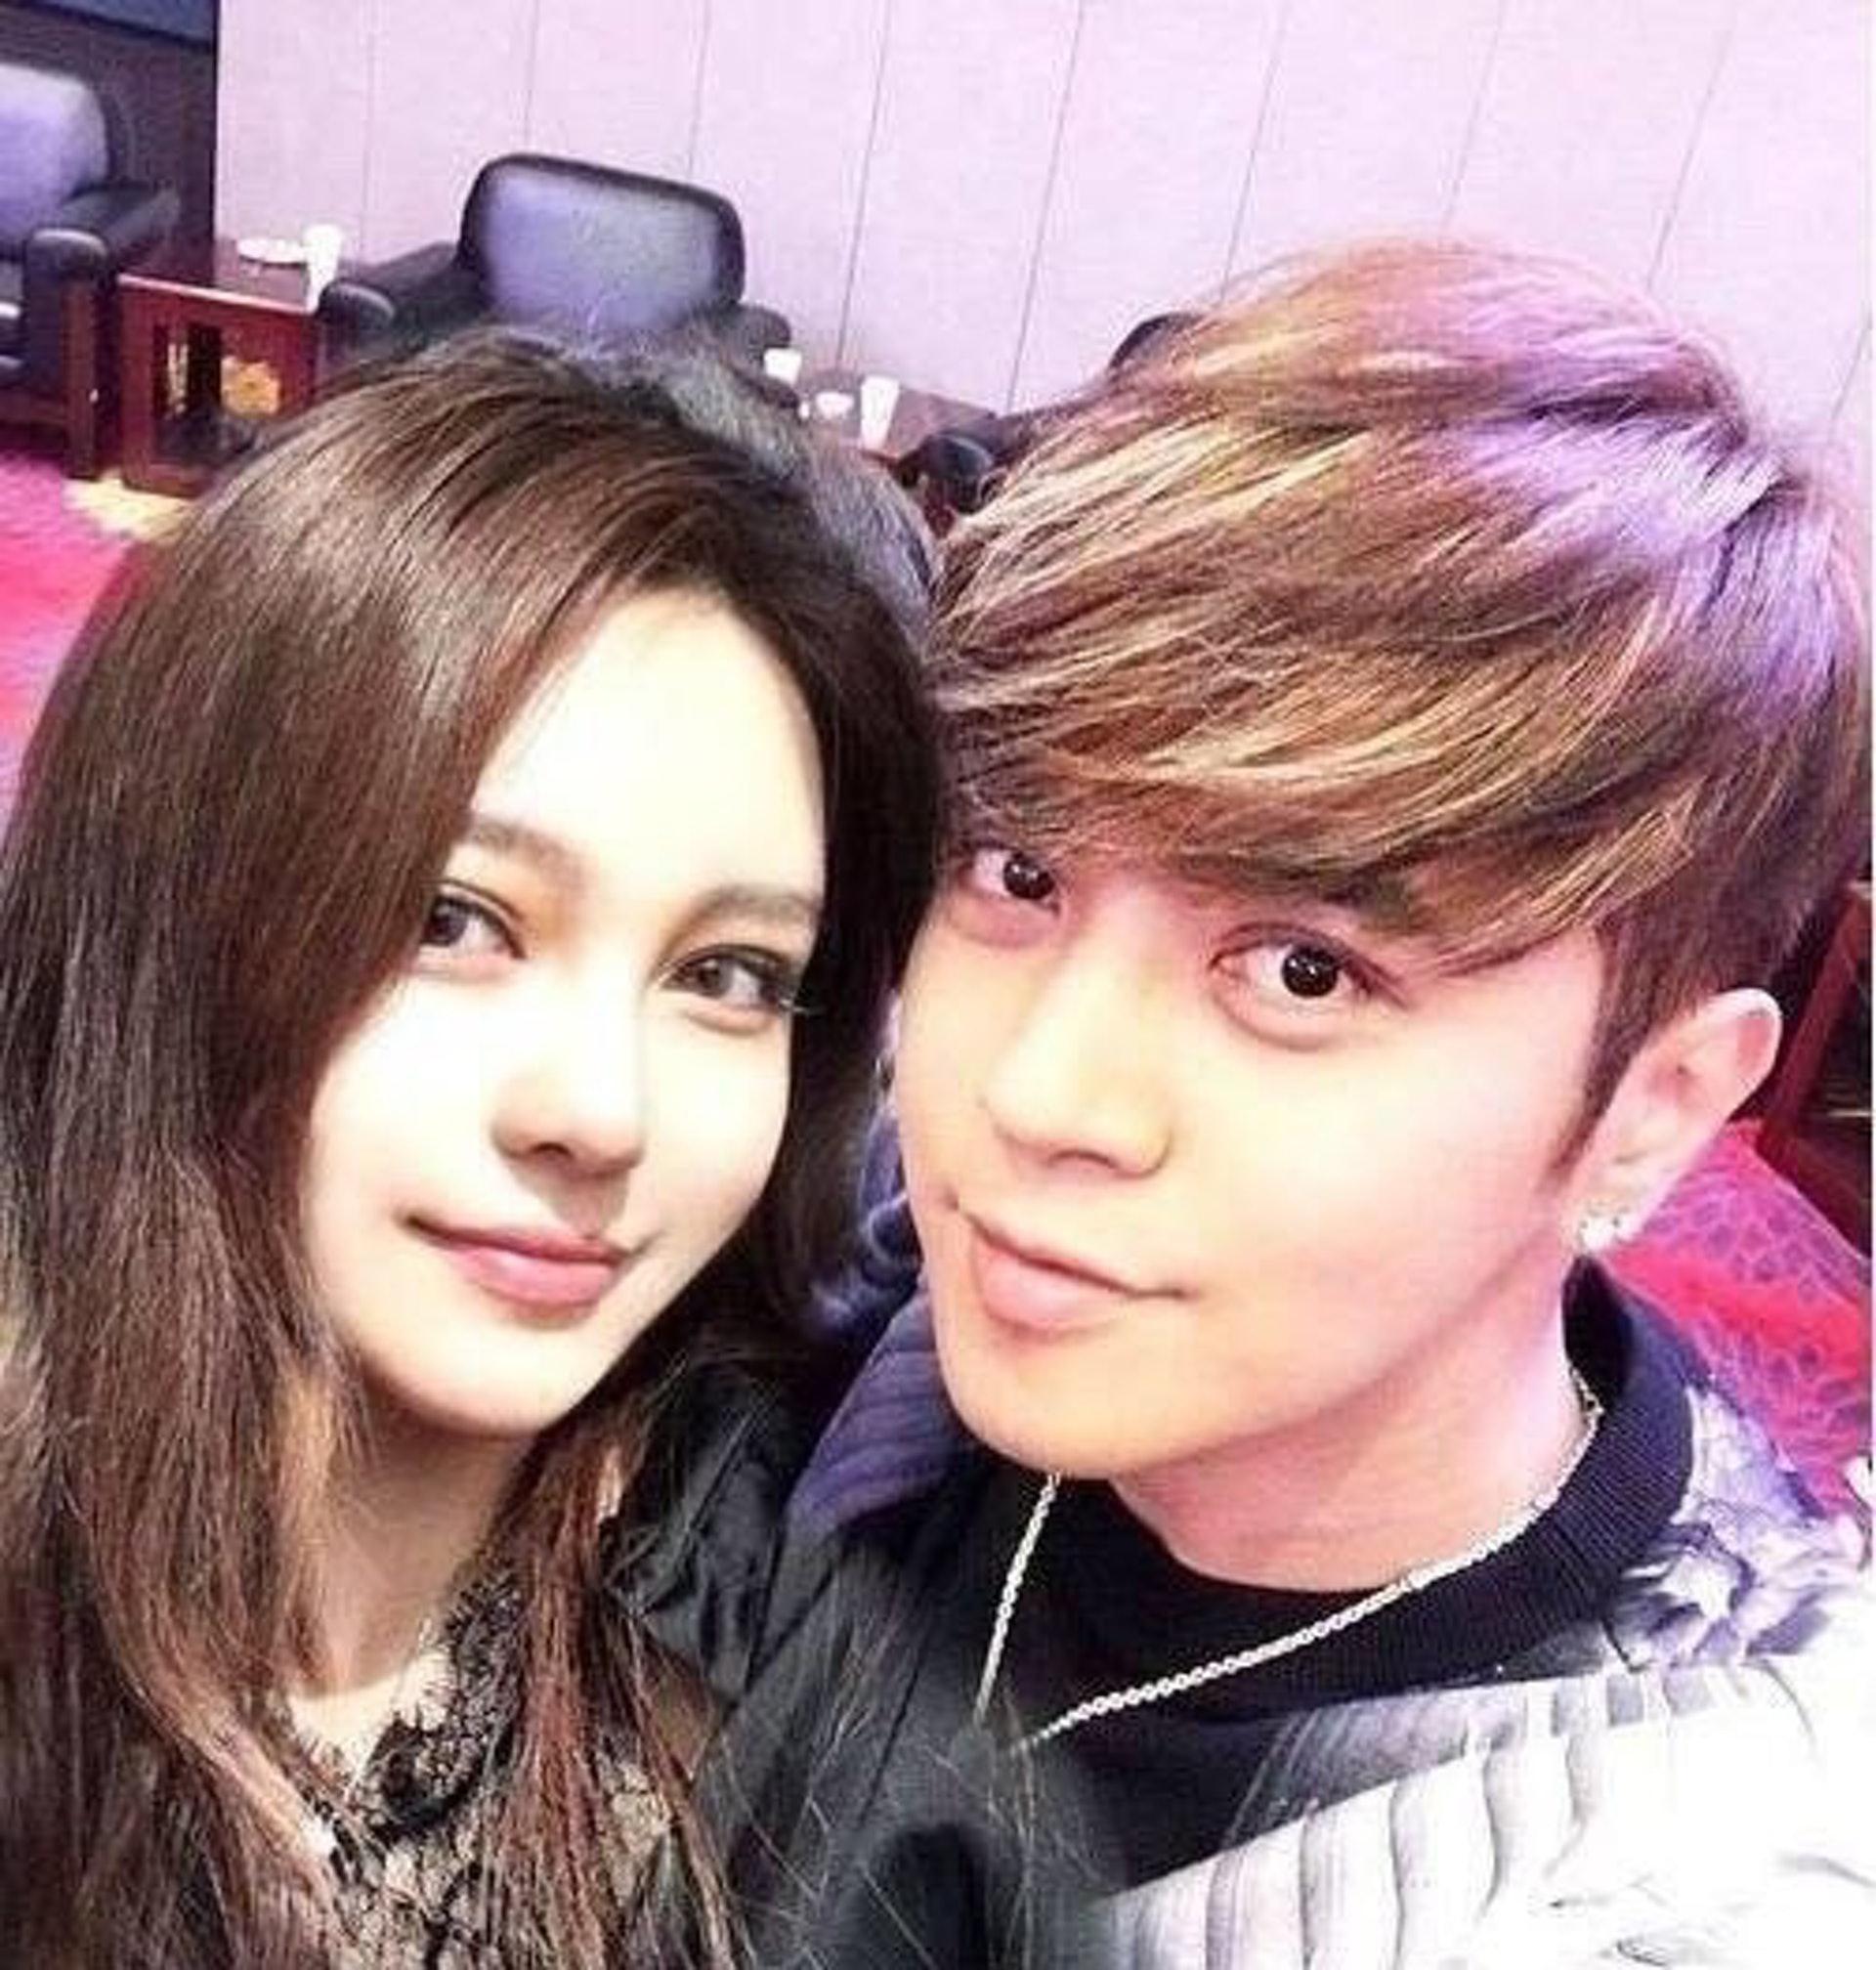 40歲的羅志祥與31歲的周揚青曾相戀9年,但今日(4月23日)公開分手。(網上圖片)